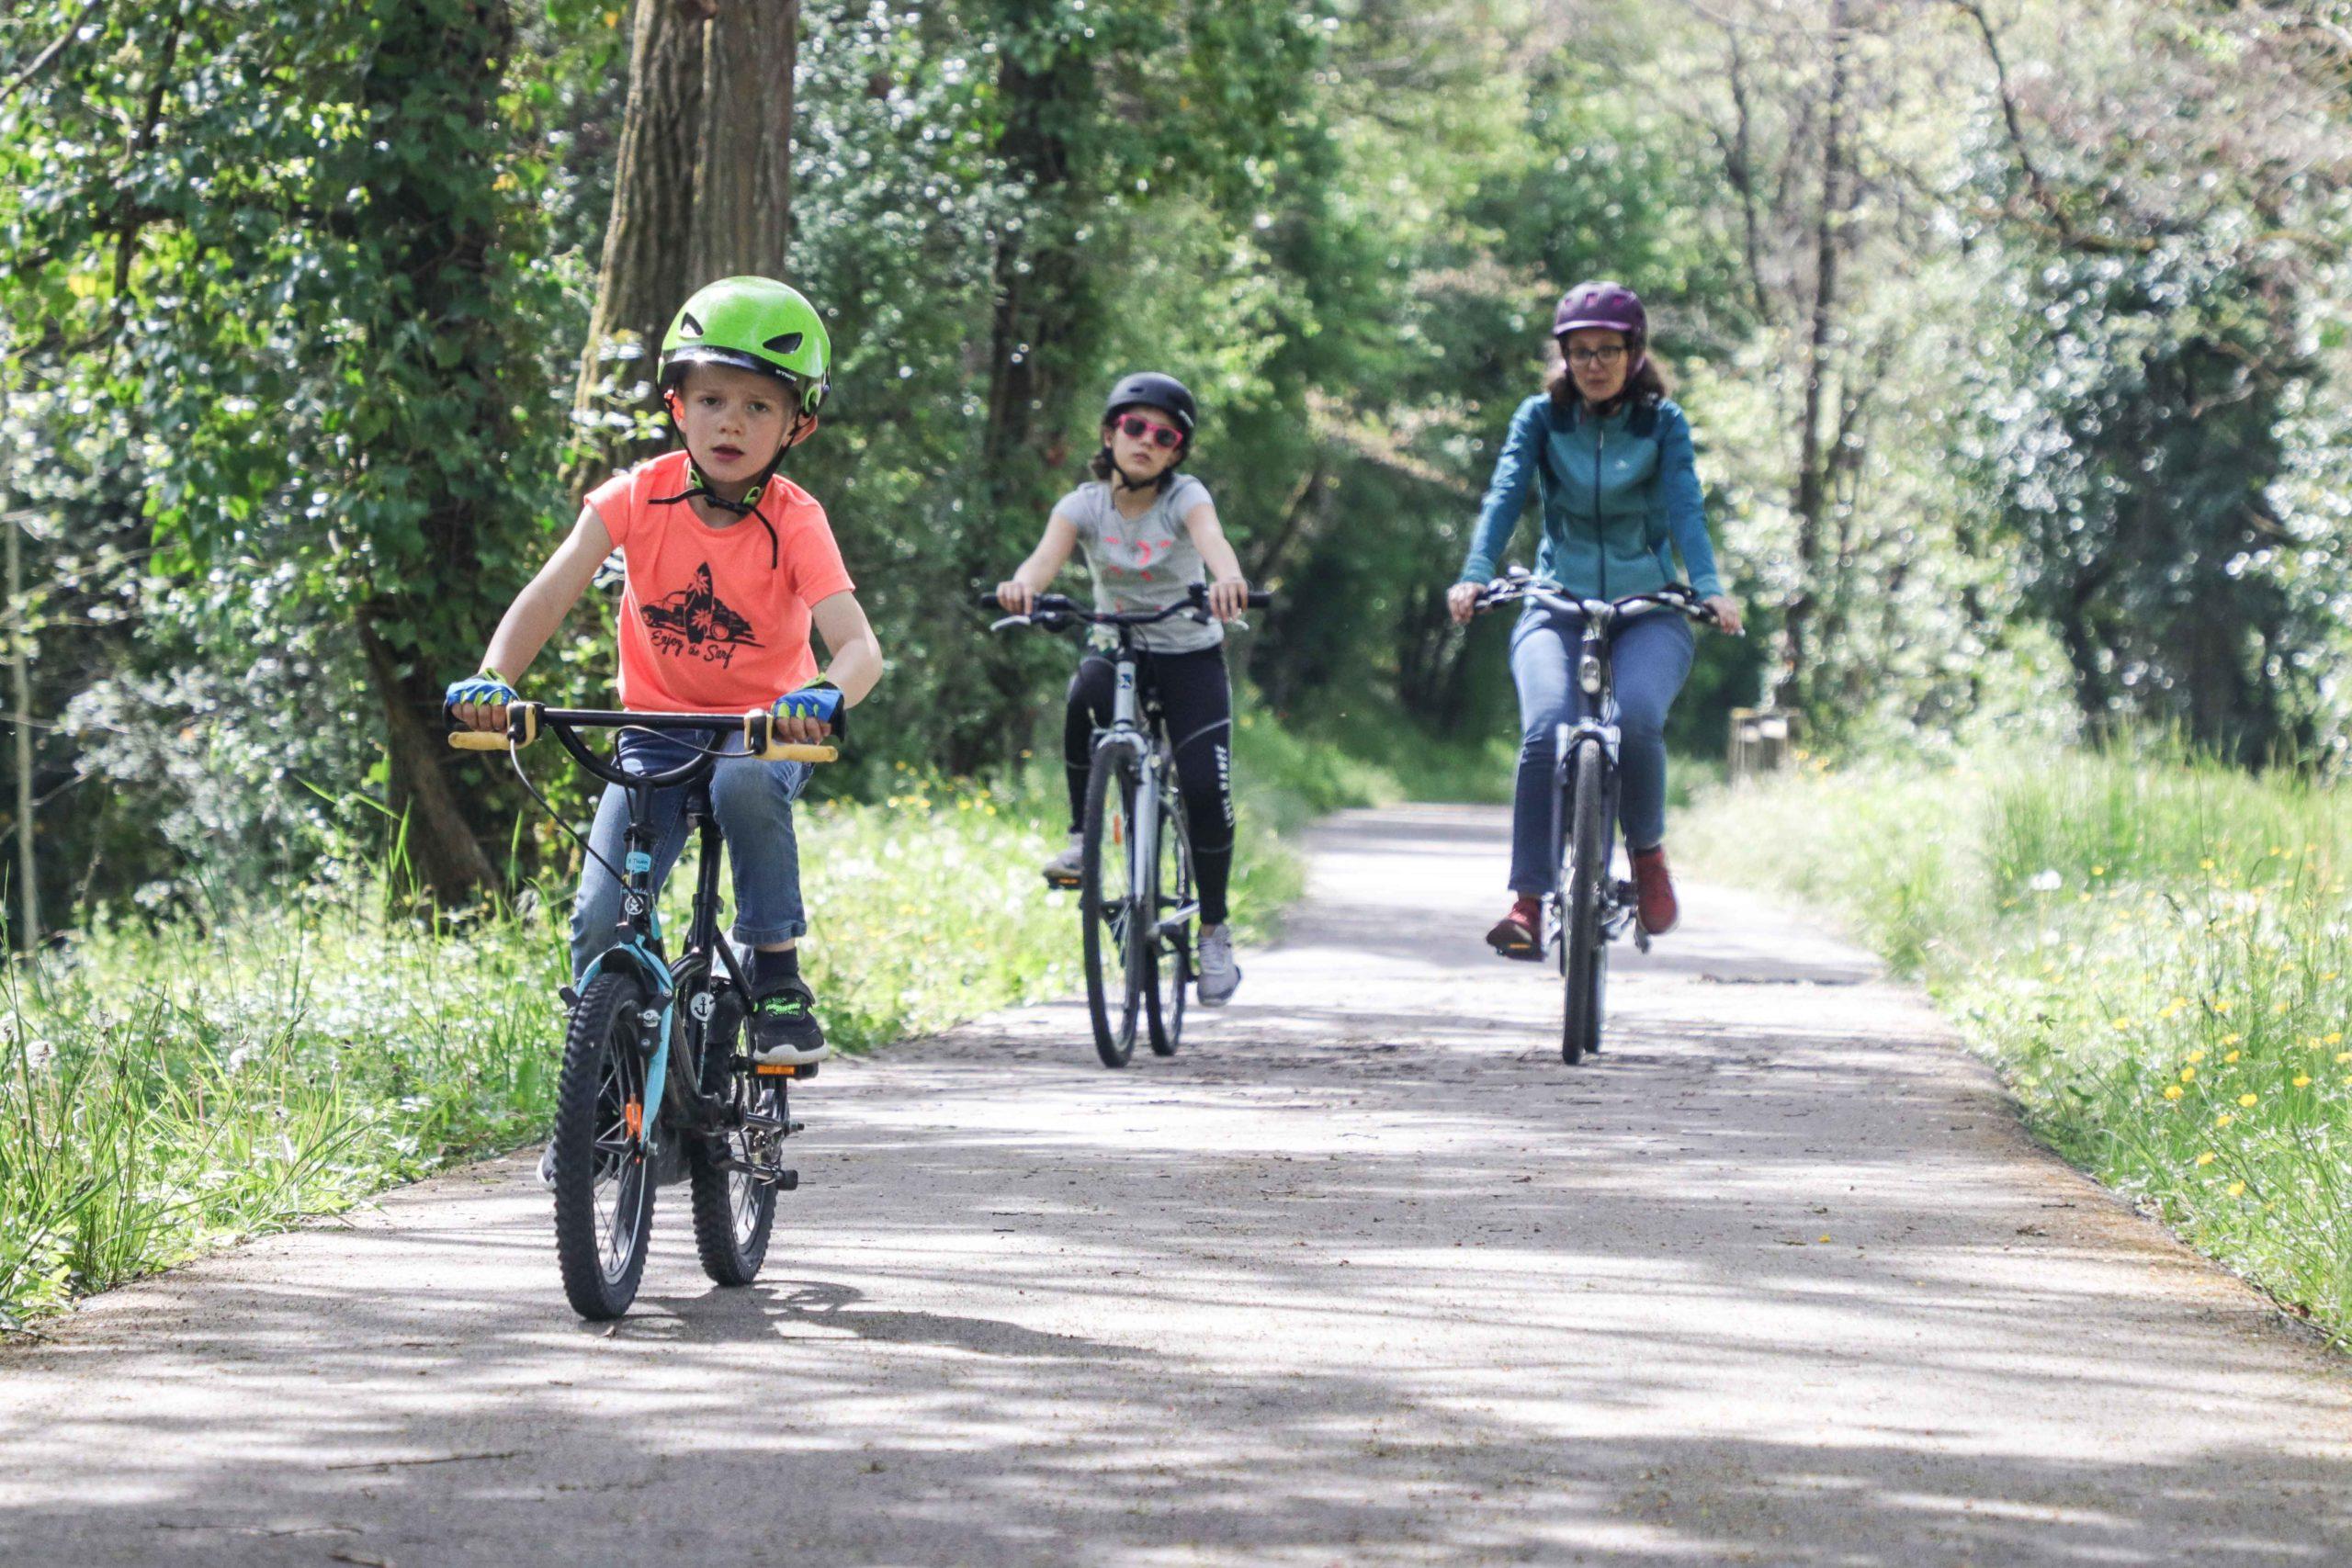 Voie verte - vélo famille - Saône-et-Loire